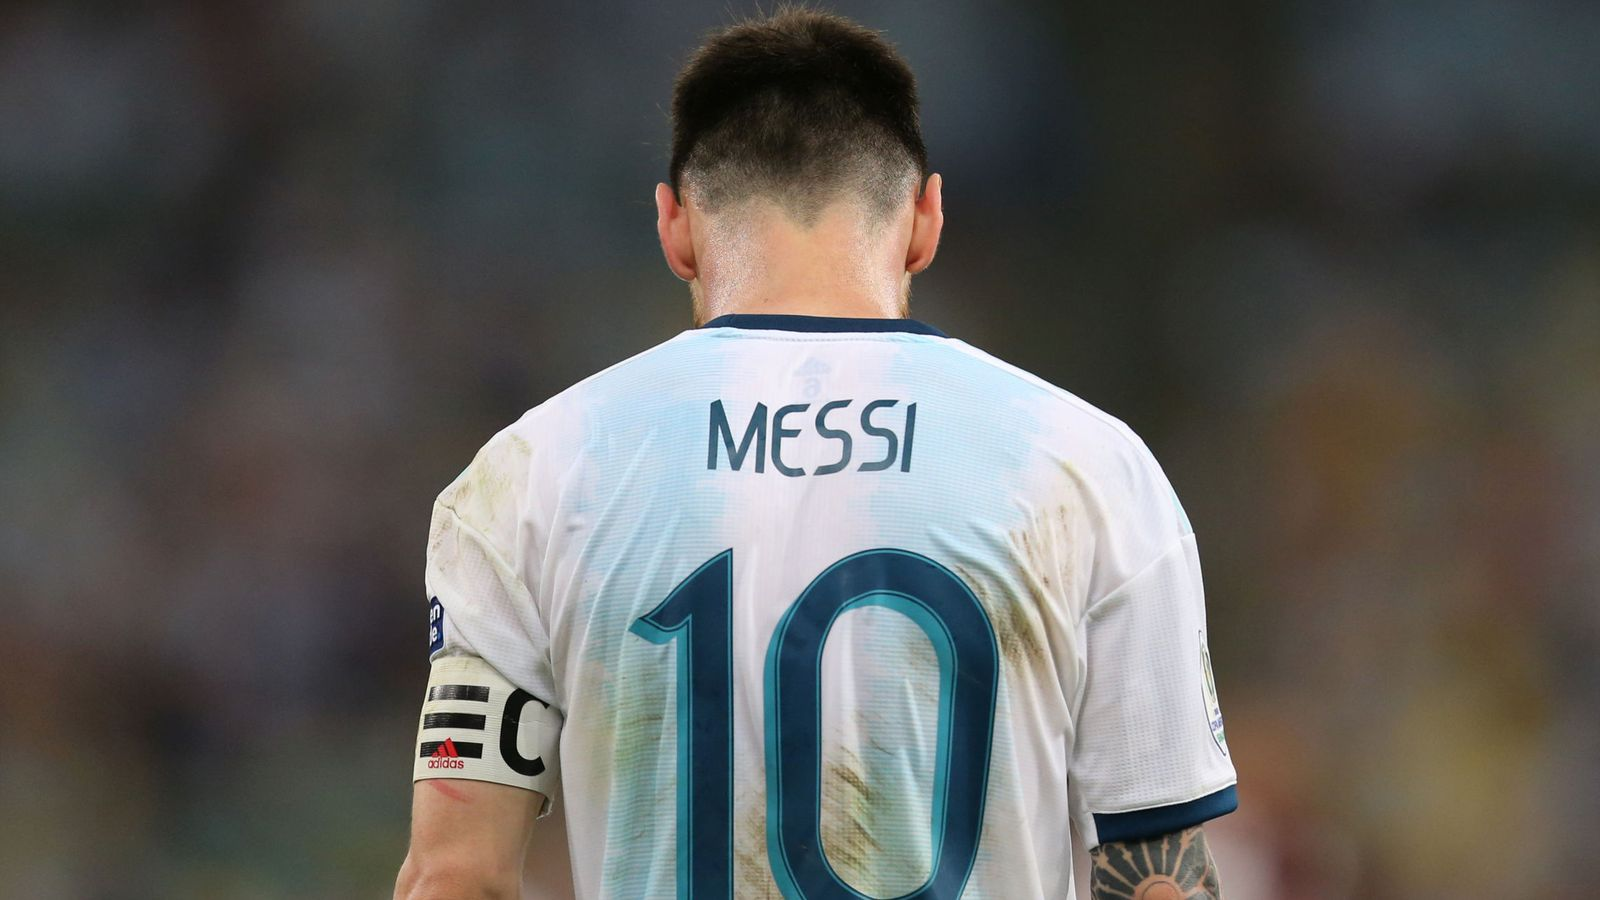 Foto: Leo Messi abandona el campo de Maracaná cabizbajo tras ganarle a Venezuela en los cuartos de la Copa América. (Reuters)